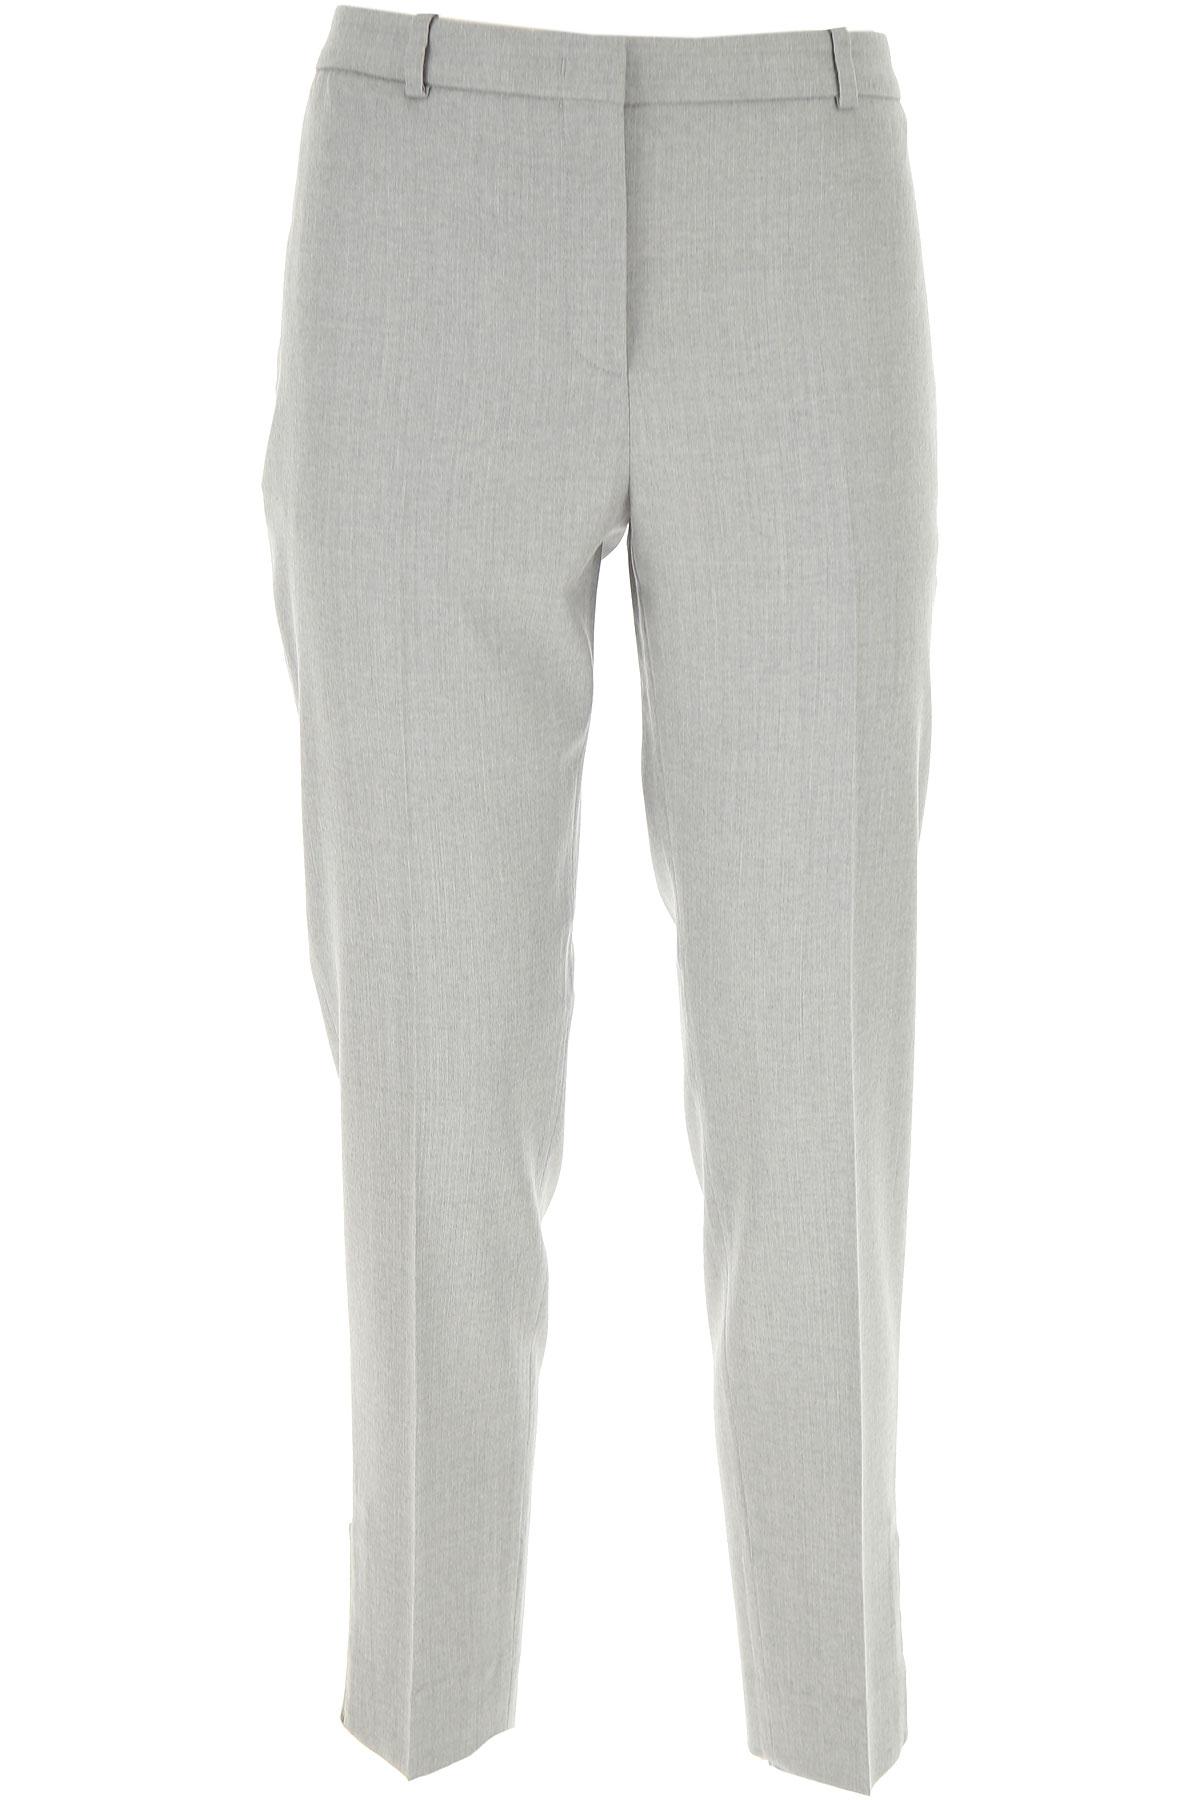 Fabiana Filippi Pants for Women On Sale, Light Grey, Virgin wool, 2019, 26 28 30